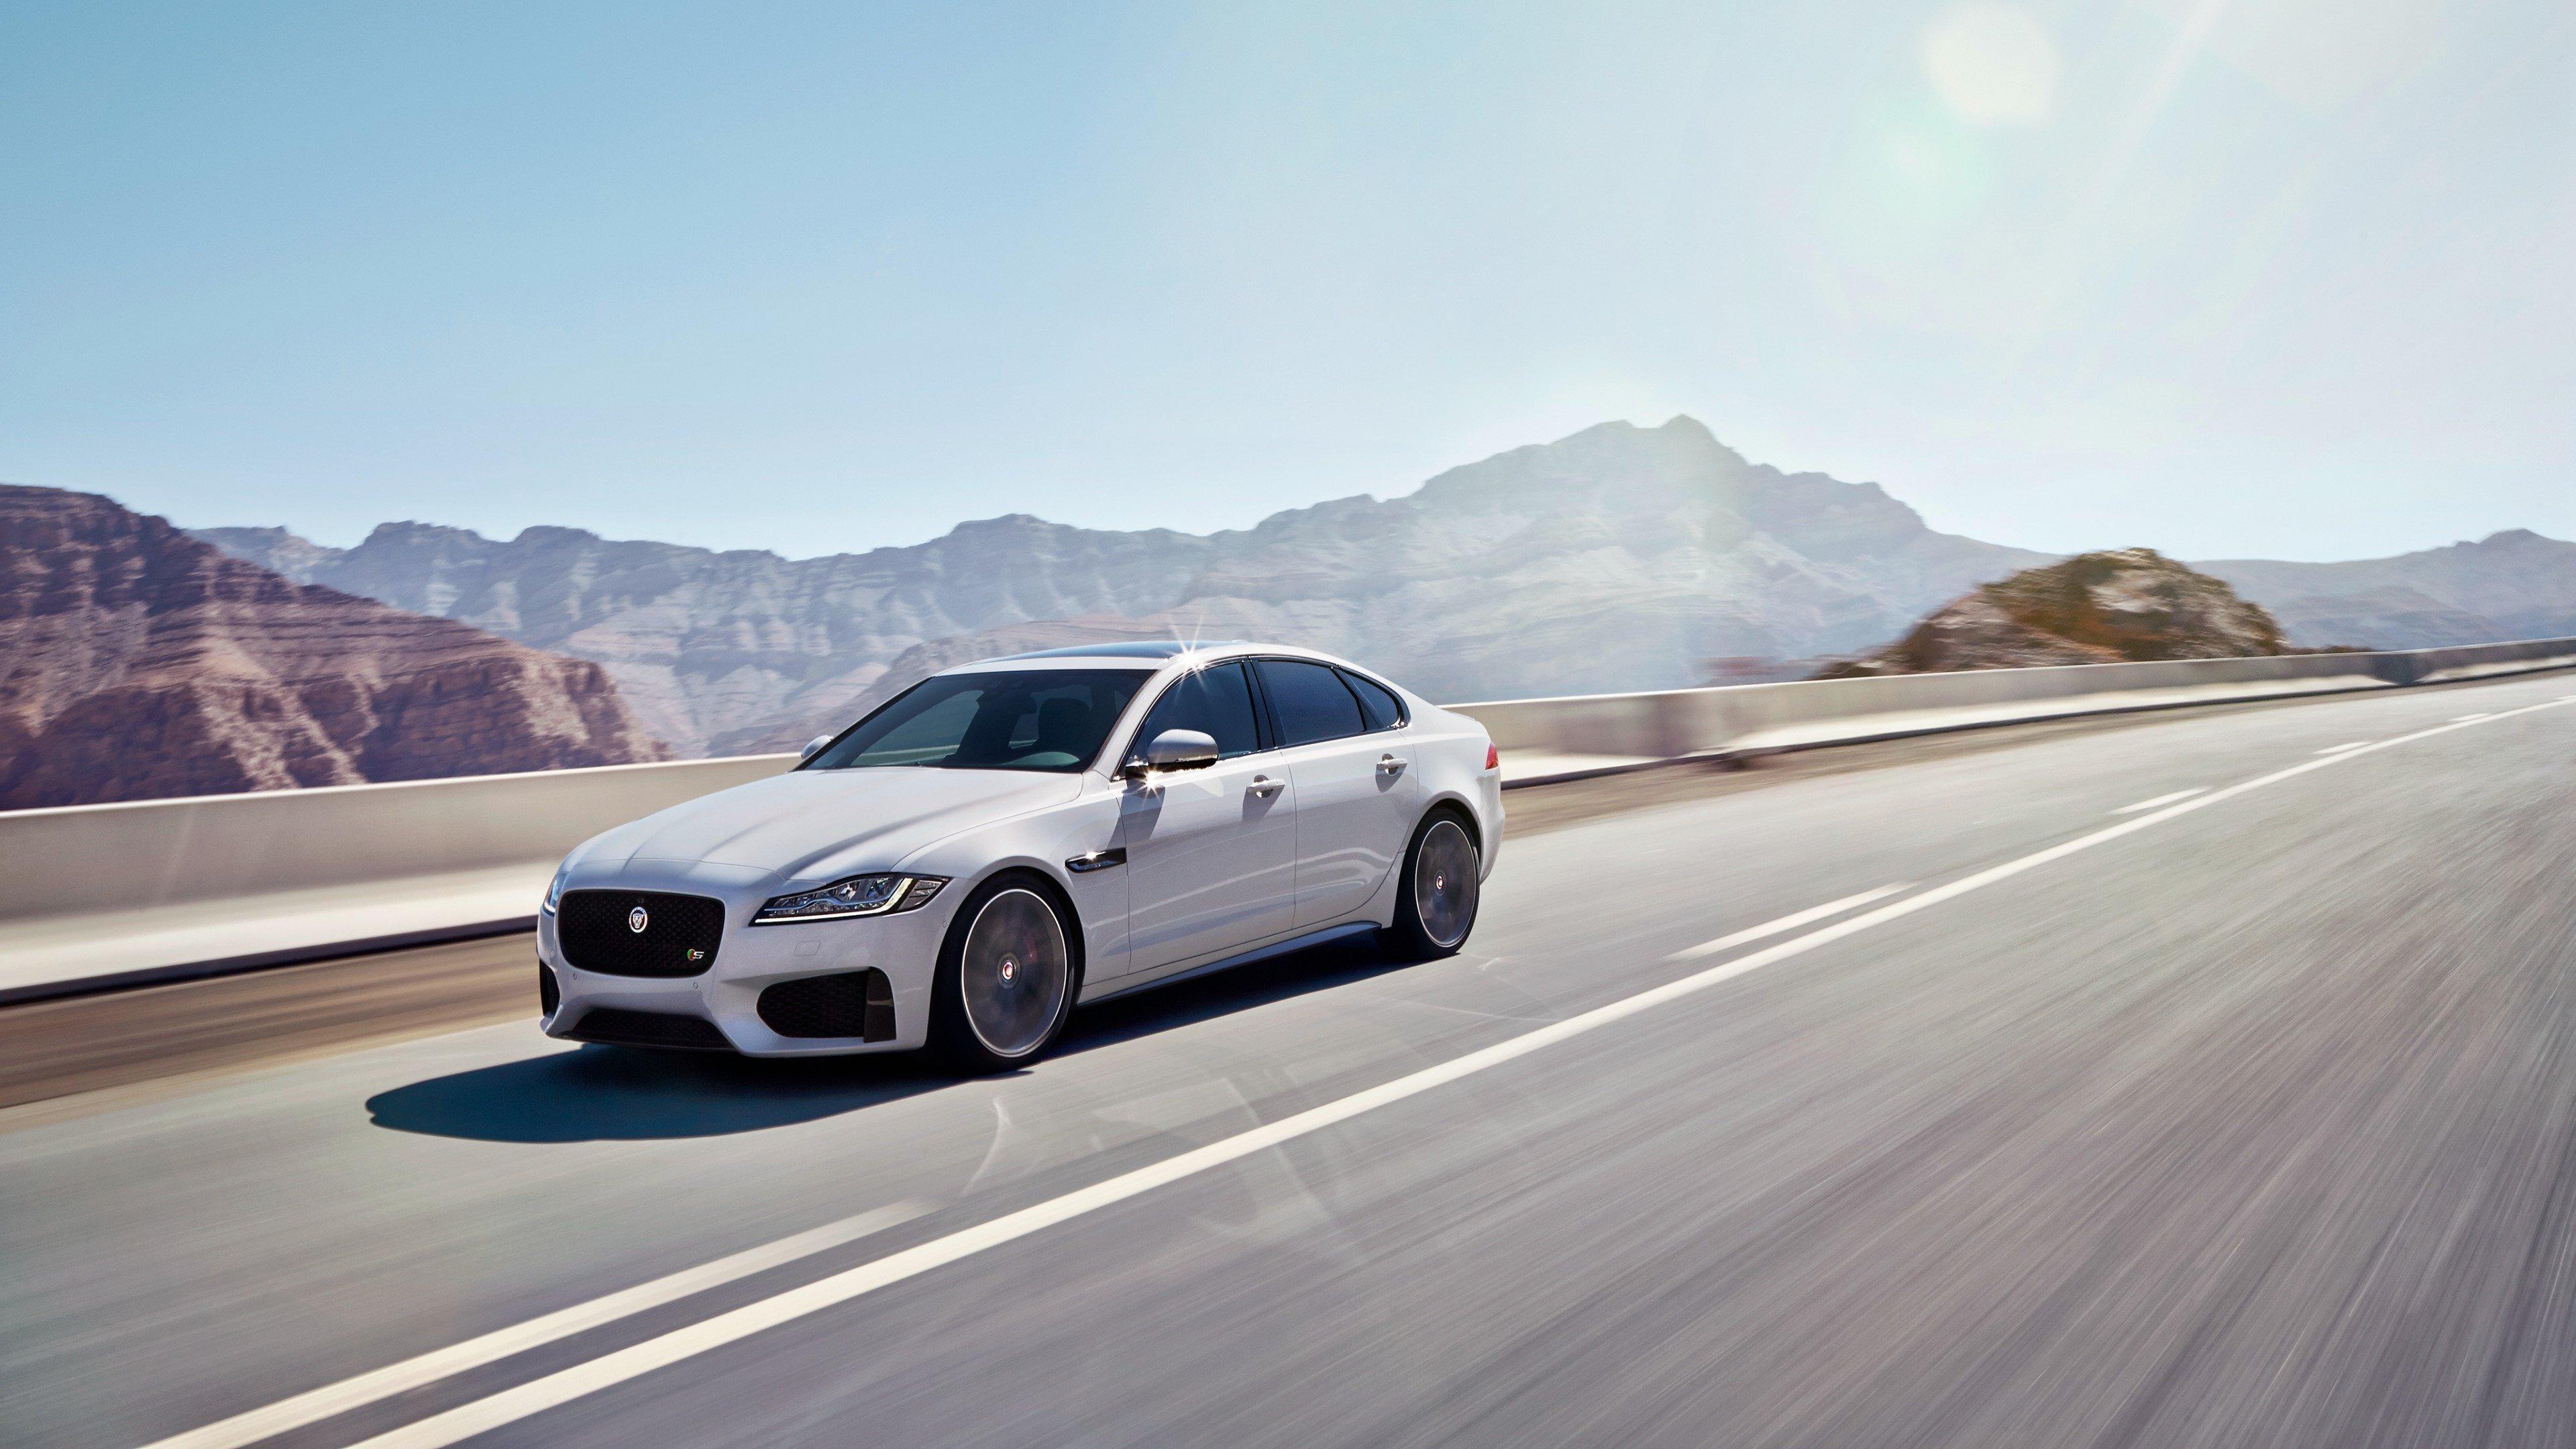 Fondos de pantalla Jaguar XF S AWD gris